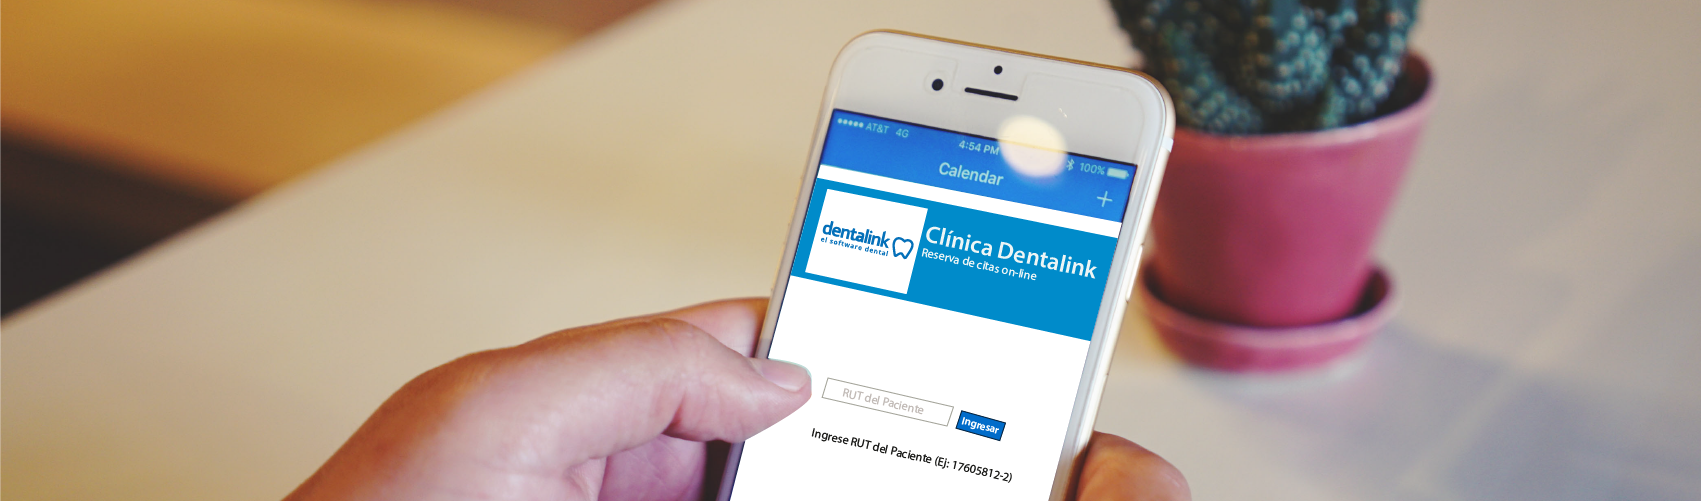 Dentalink mejora su diseño en la agenda en línea